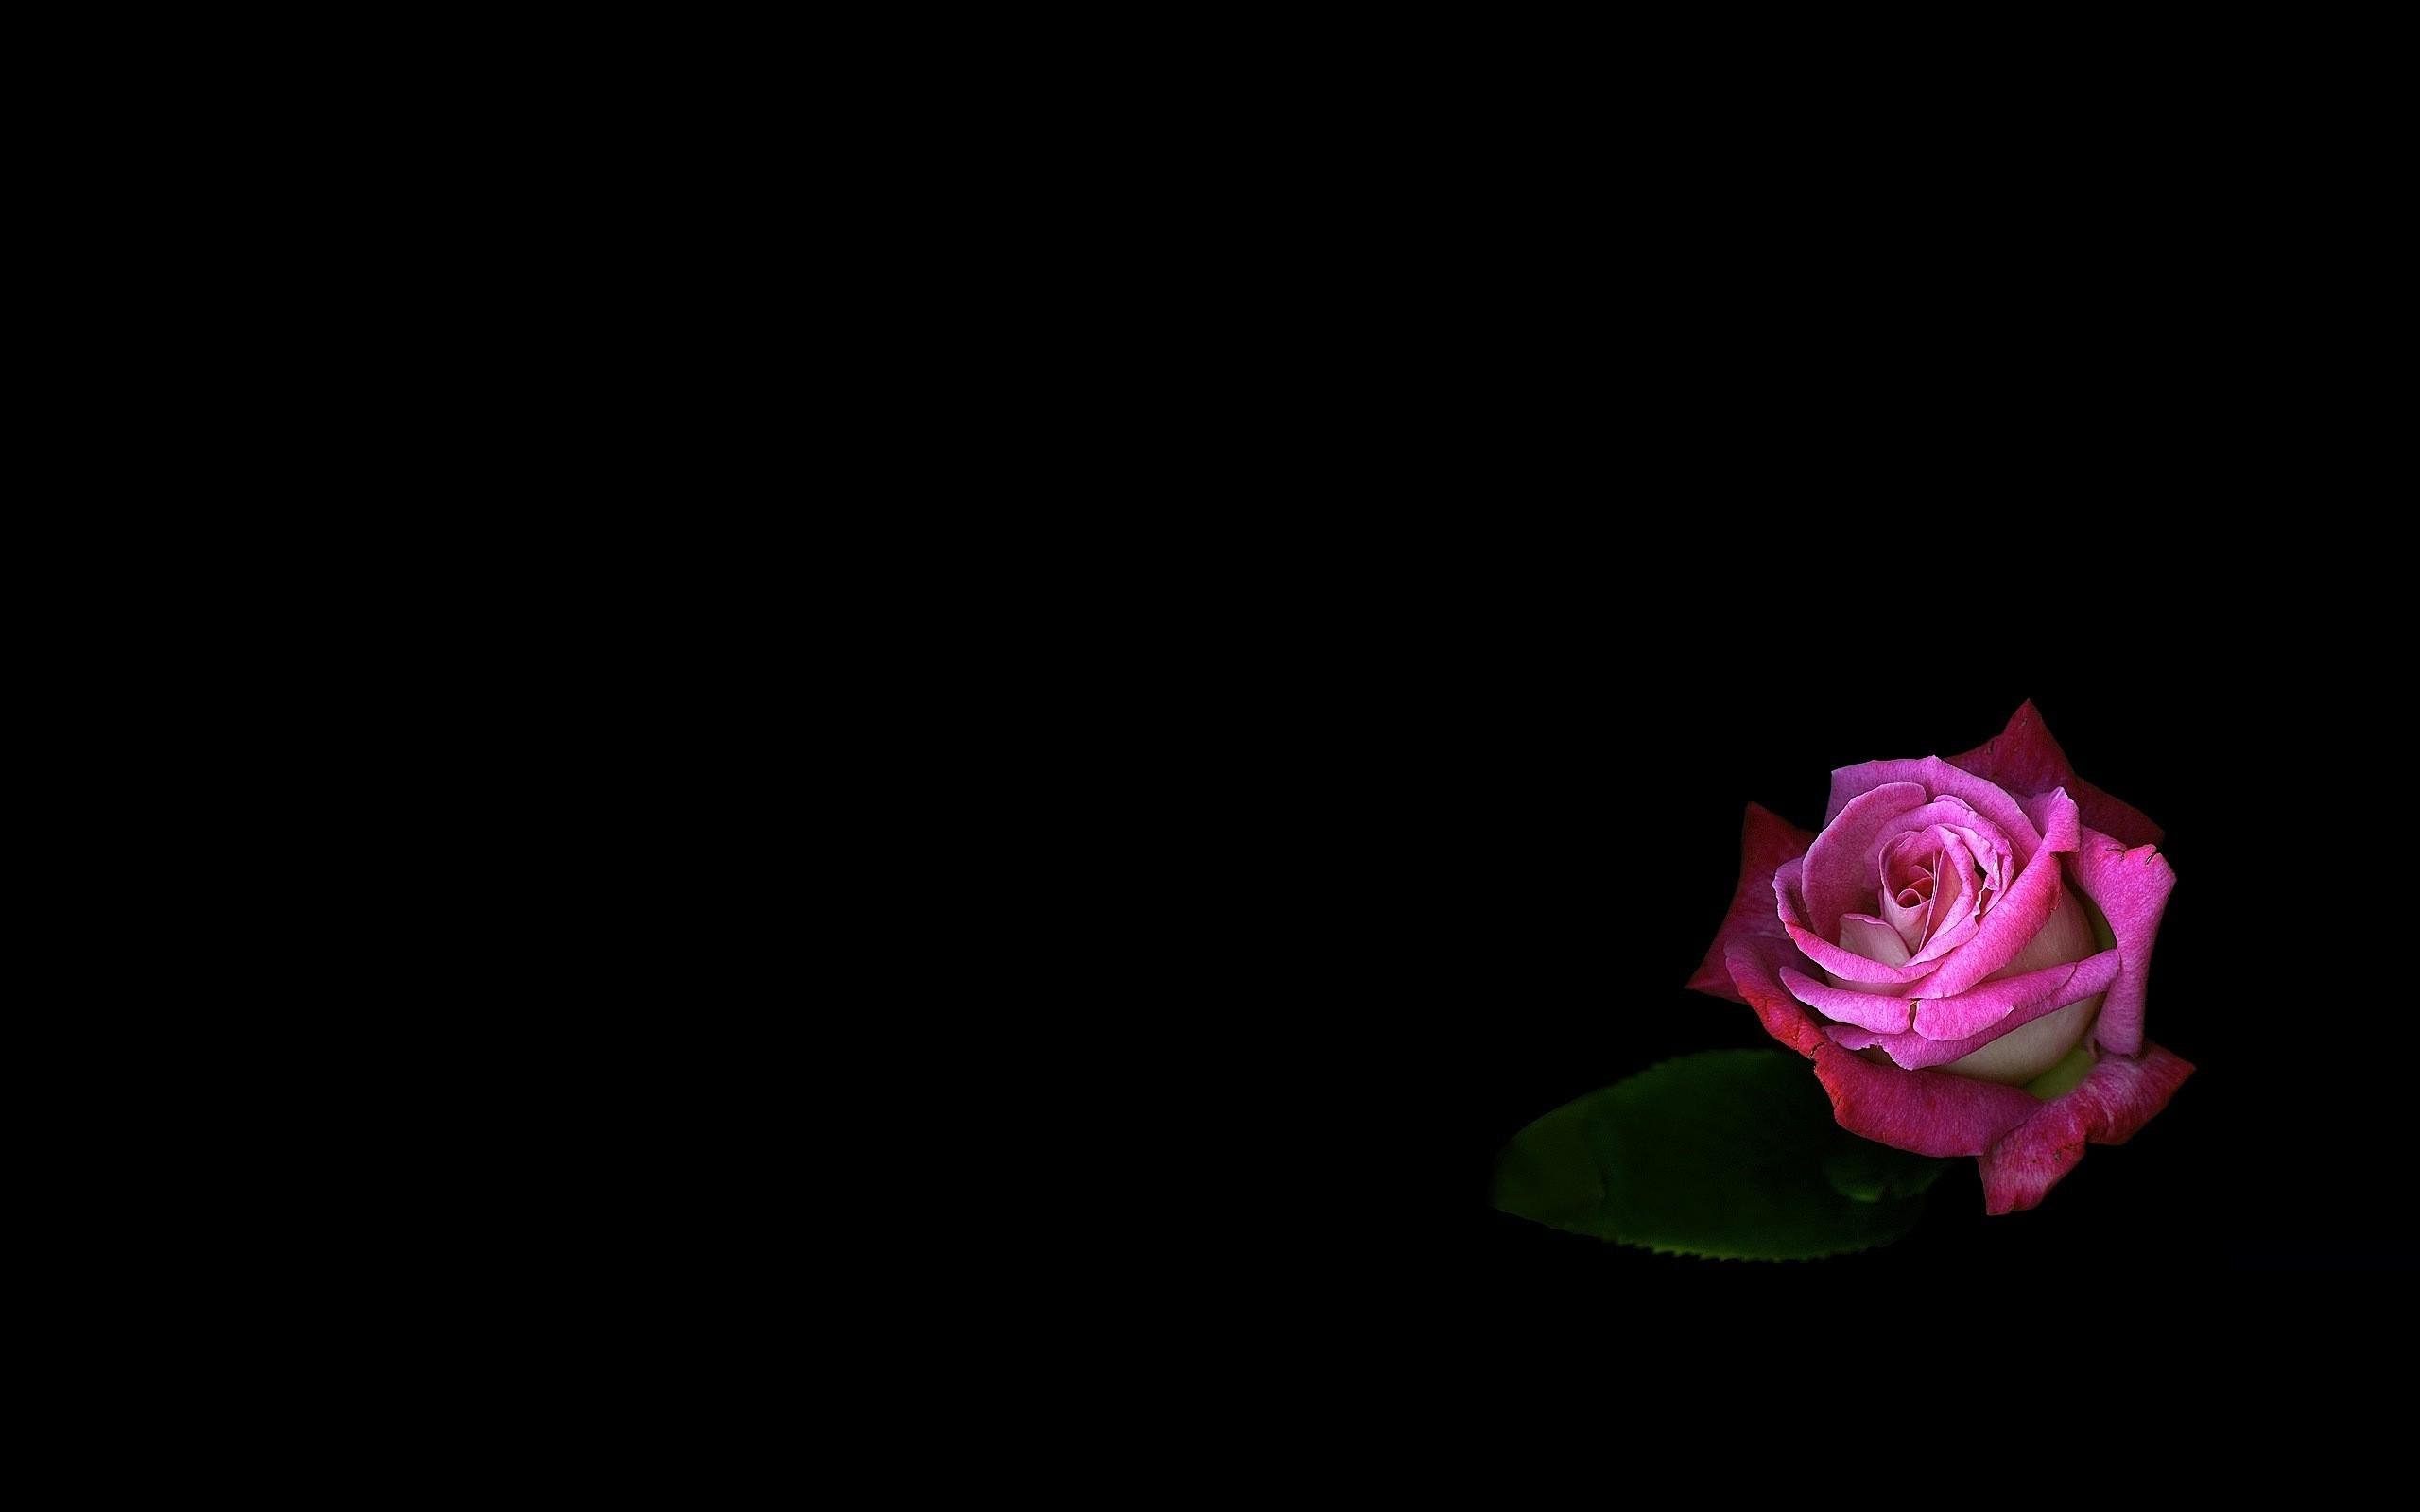 Sfondi Fiori Rose Rosa Fiore Oscurità Petalo 2560x1600 Px